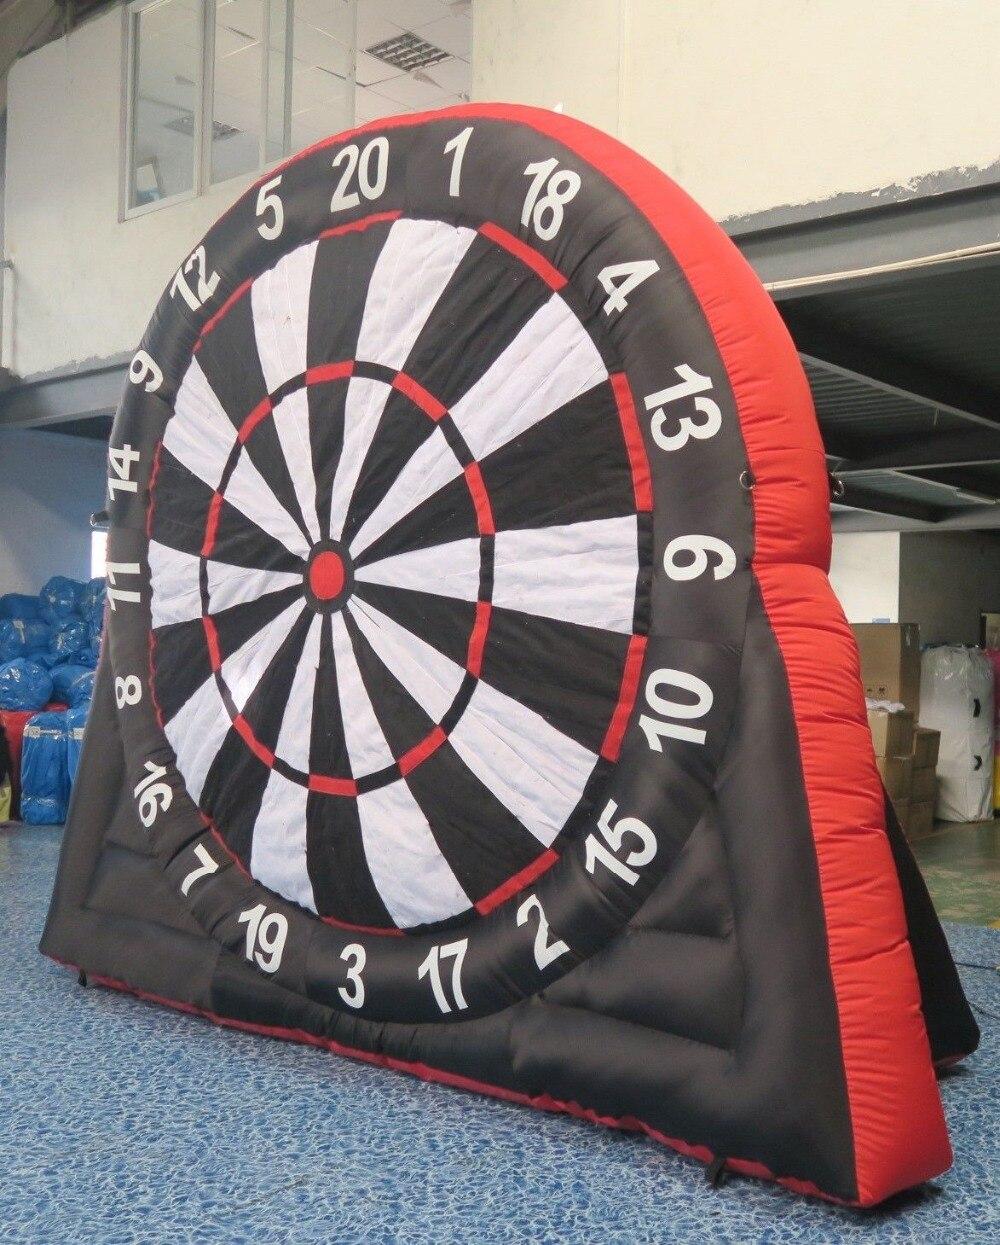 Envío Gratis buena calidad de 4 m inflable pie dardos juego de dardos gigante inflable fútbol tablero de dardos